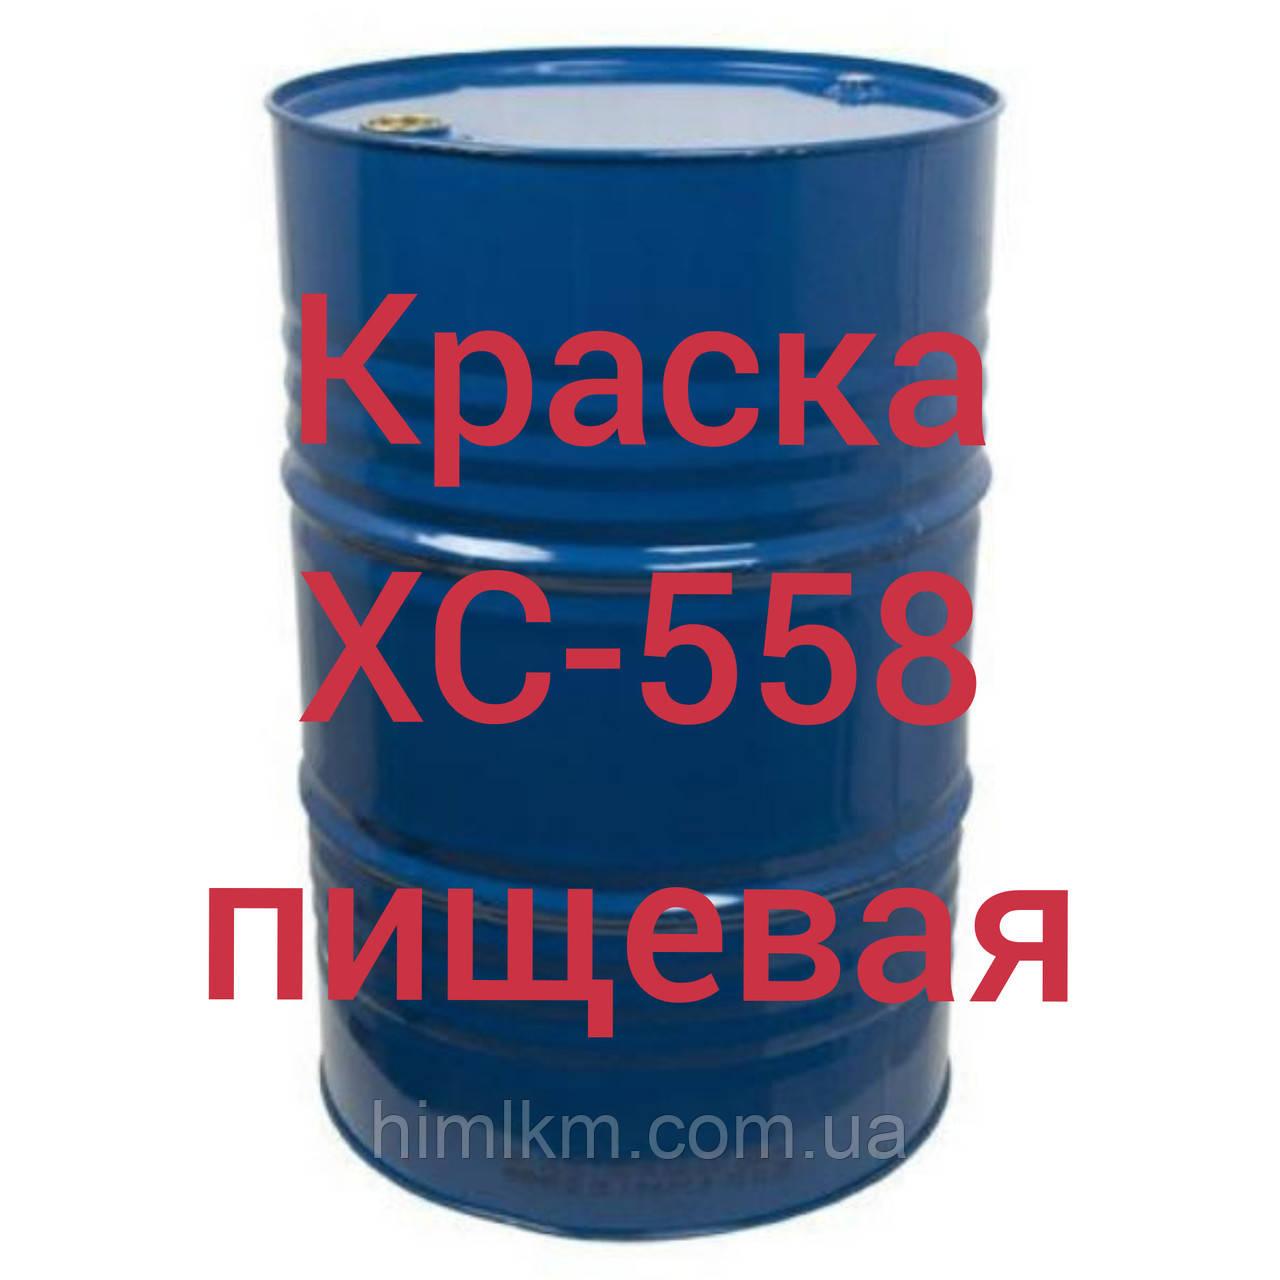 Эмаль ХС 558 пищевая для резервуаров хранения вин, соков, пищевых продуктов